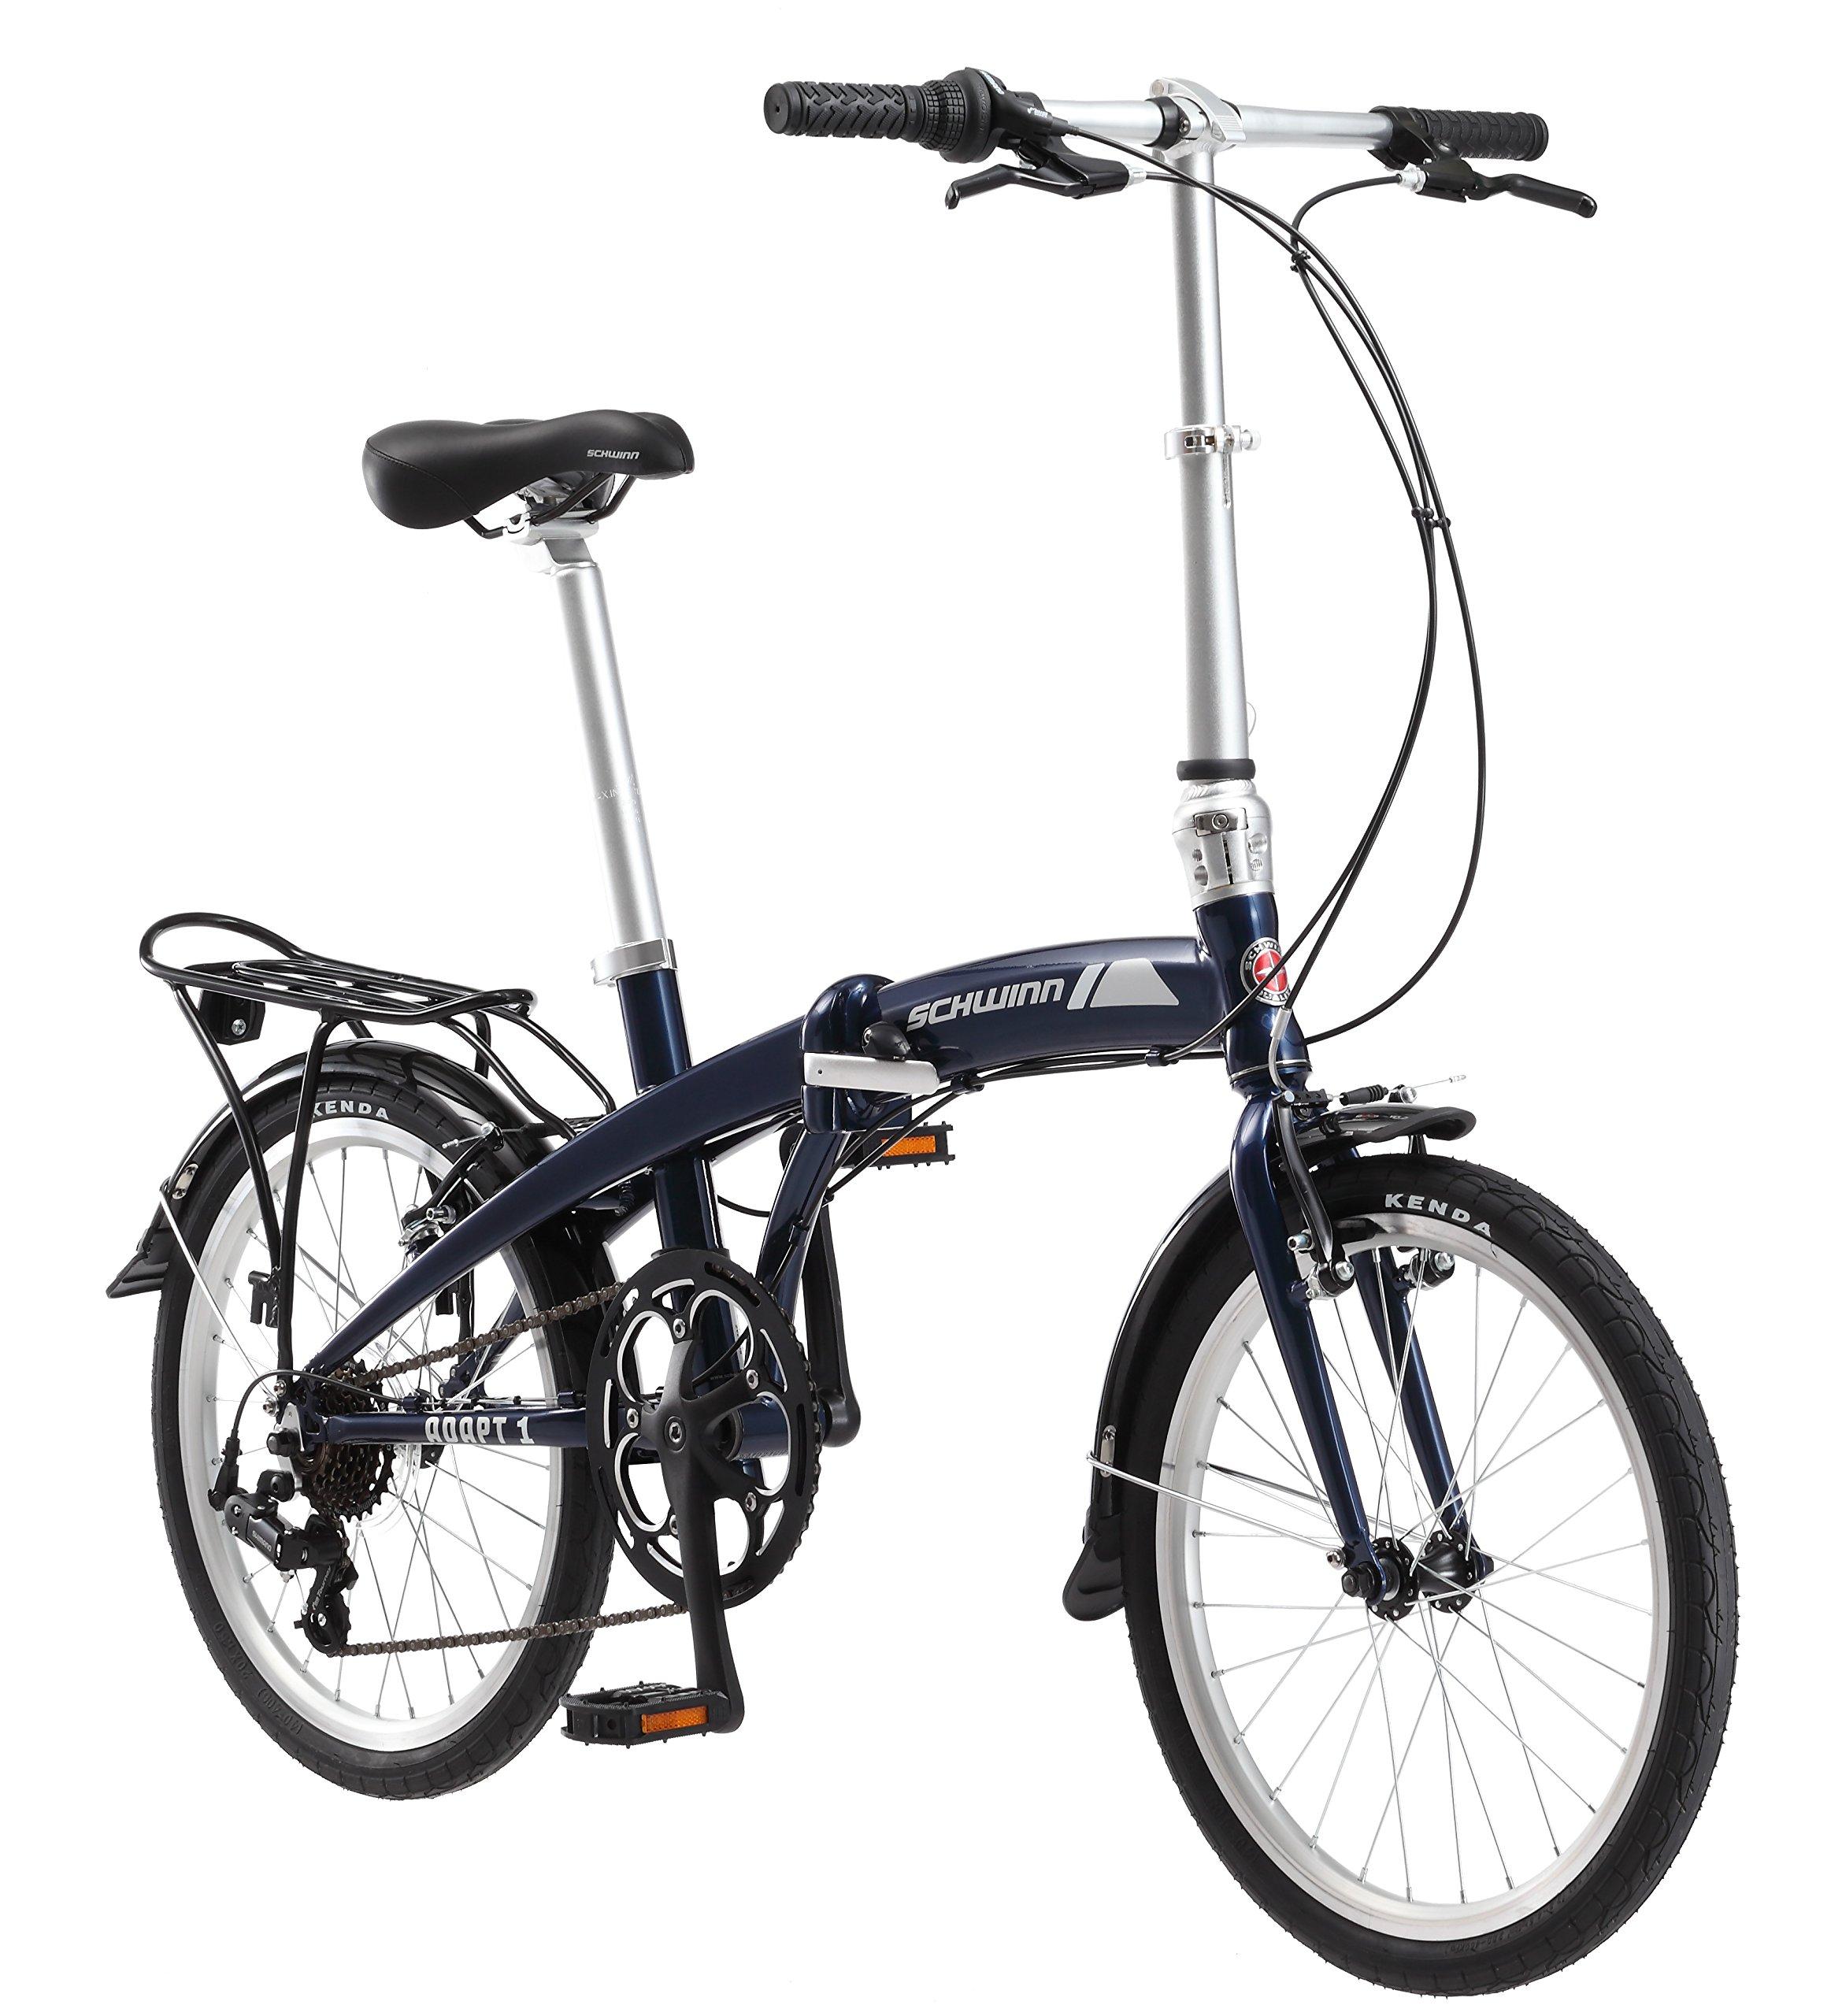 Schwinn Adapt 1 7 Speed Folding Bike, Gloss Navy, 16''/One Size/20'' by Schwinn (Image #1)